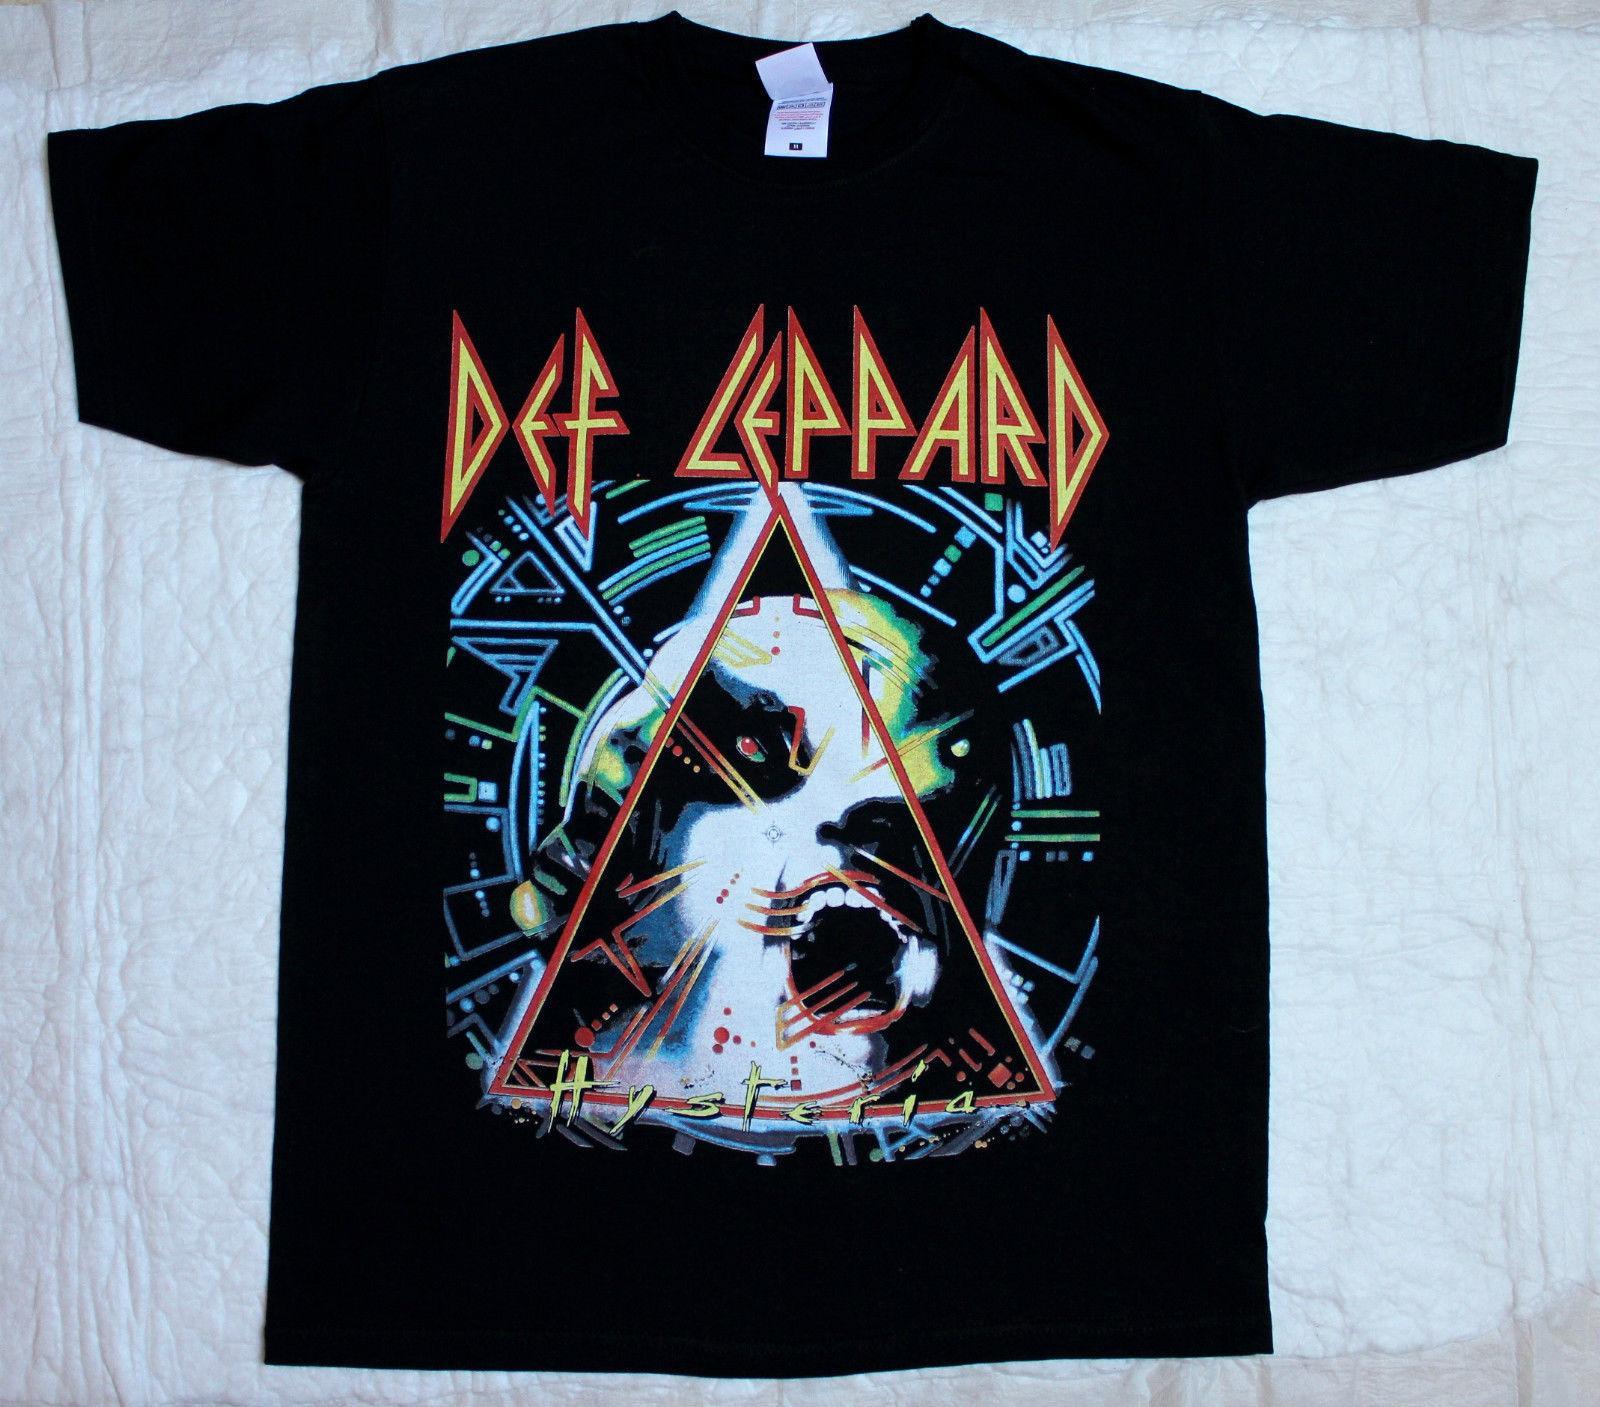 Hysteria T-shirt Hohe QualitäT Und Preiswert Def Leppard Shirts & Hemden